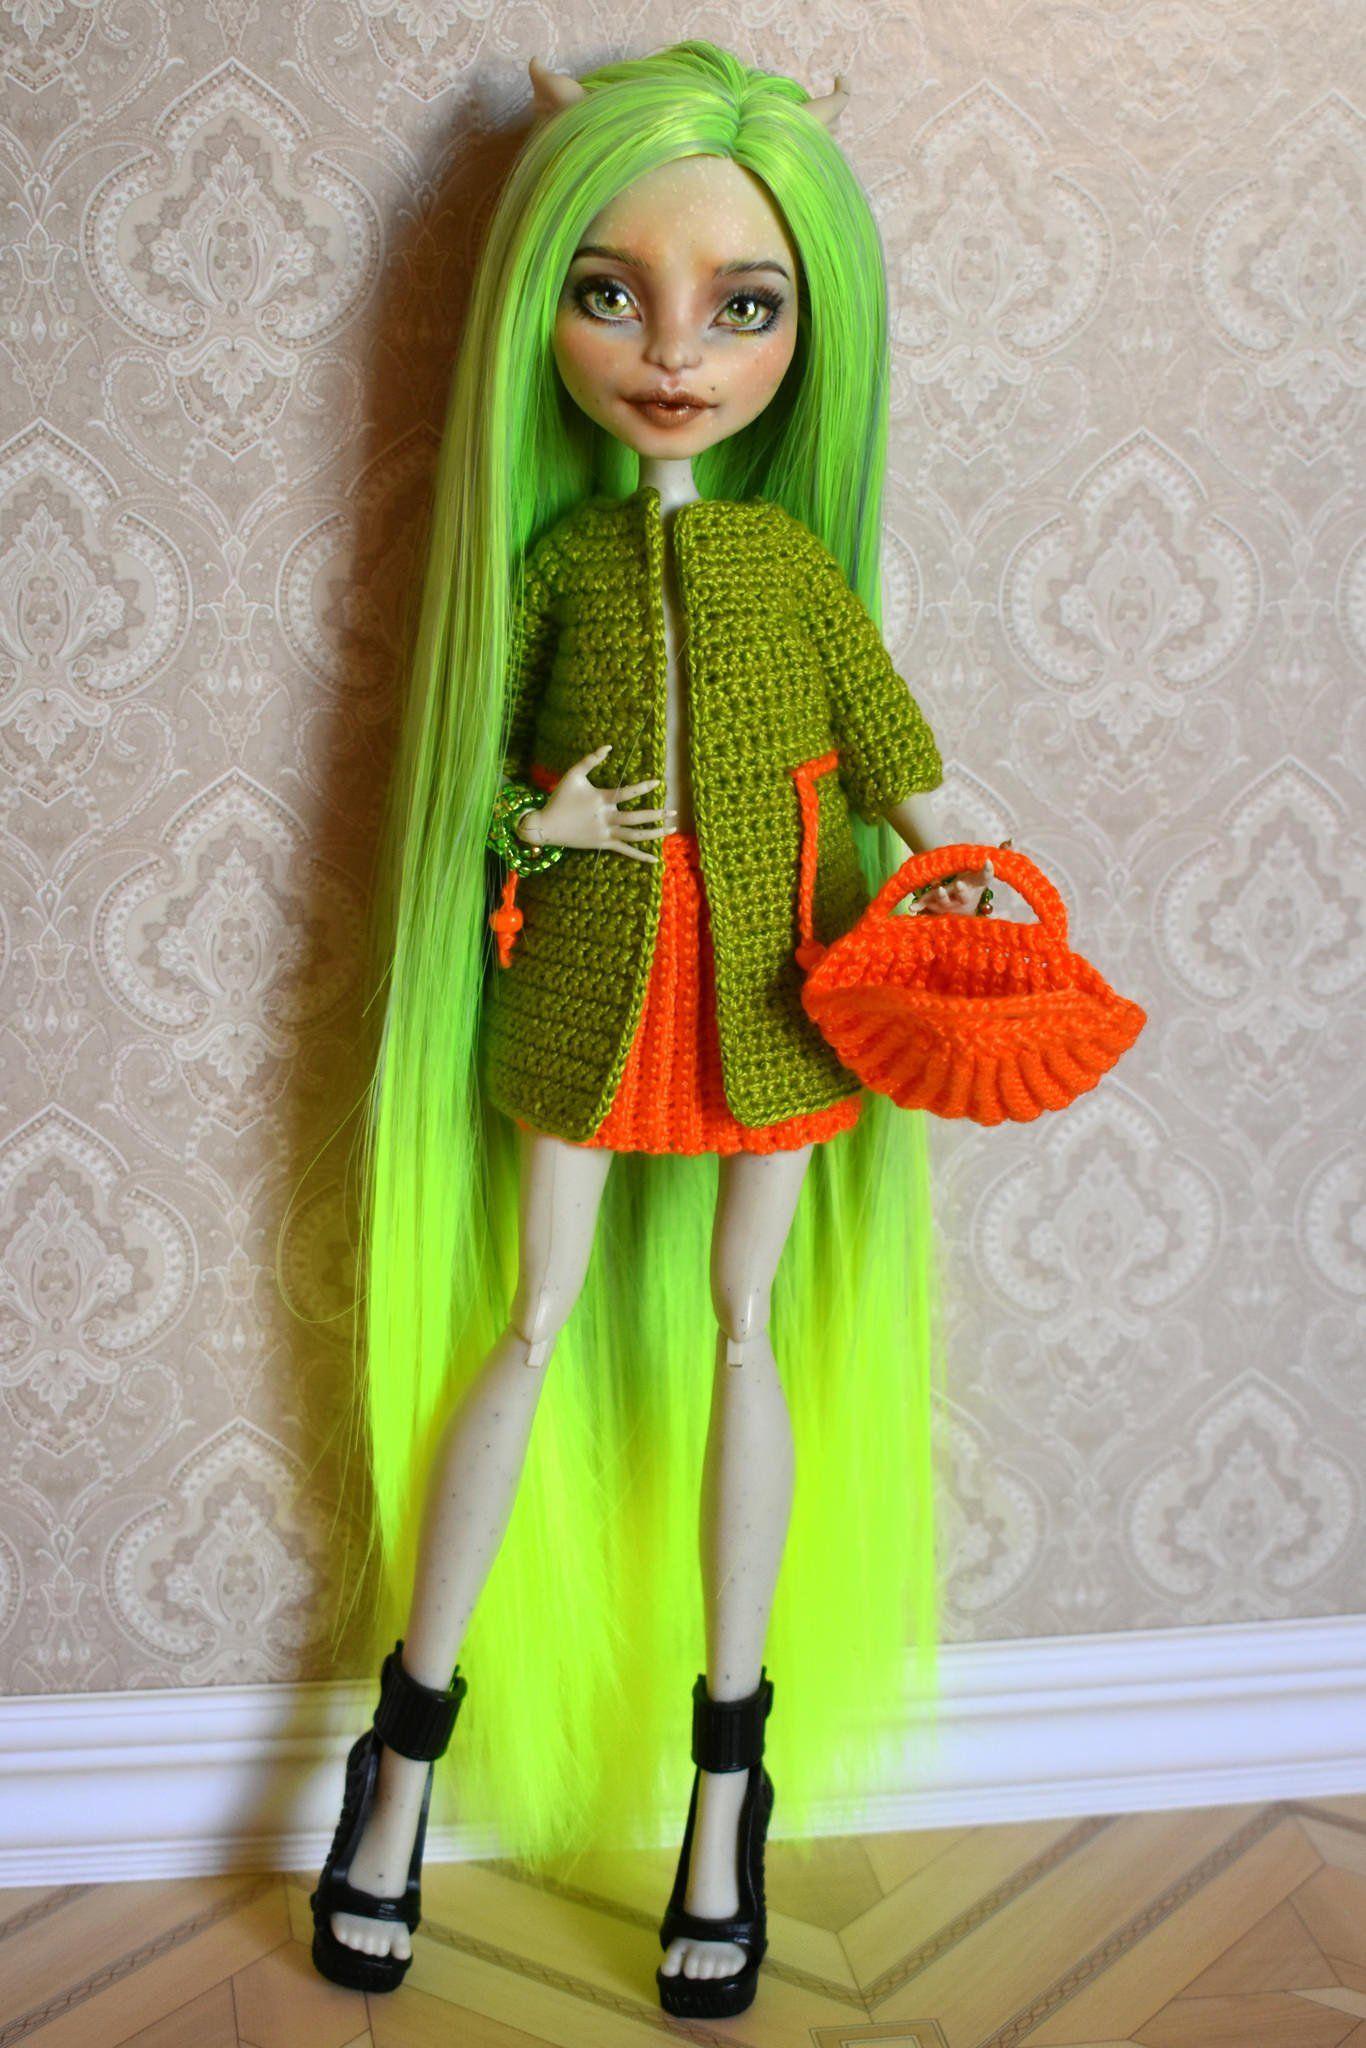 картинки халатиков для кукол мх также поняла, некоторые